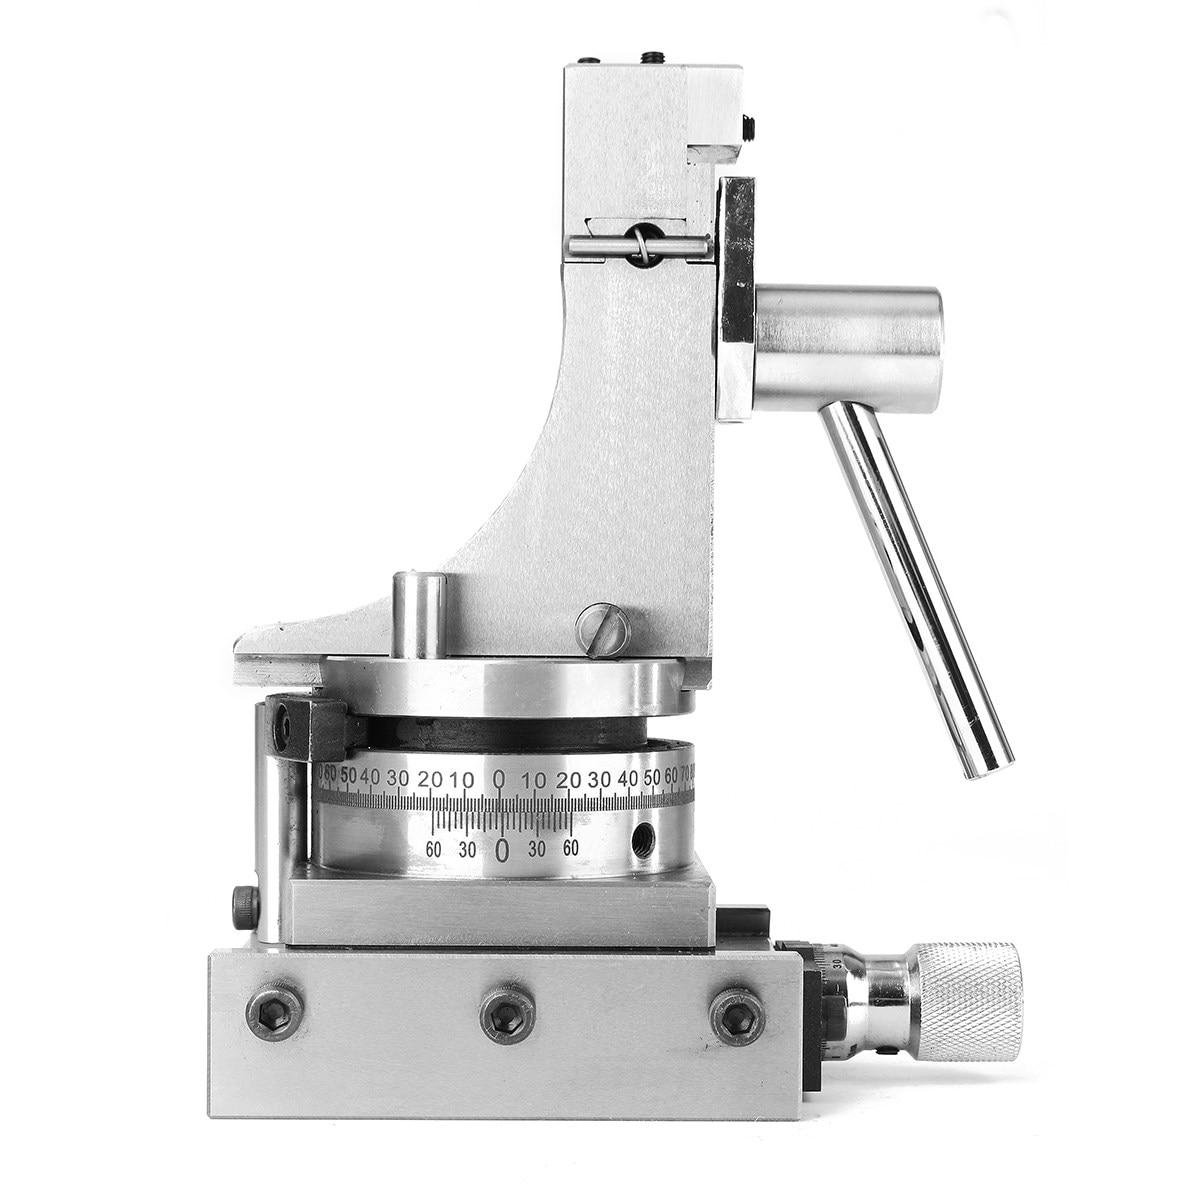 Новое поступление универсальный шлифовальный круг Arc Dresser Swing Shaping Grinder Machine Tool